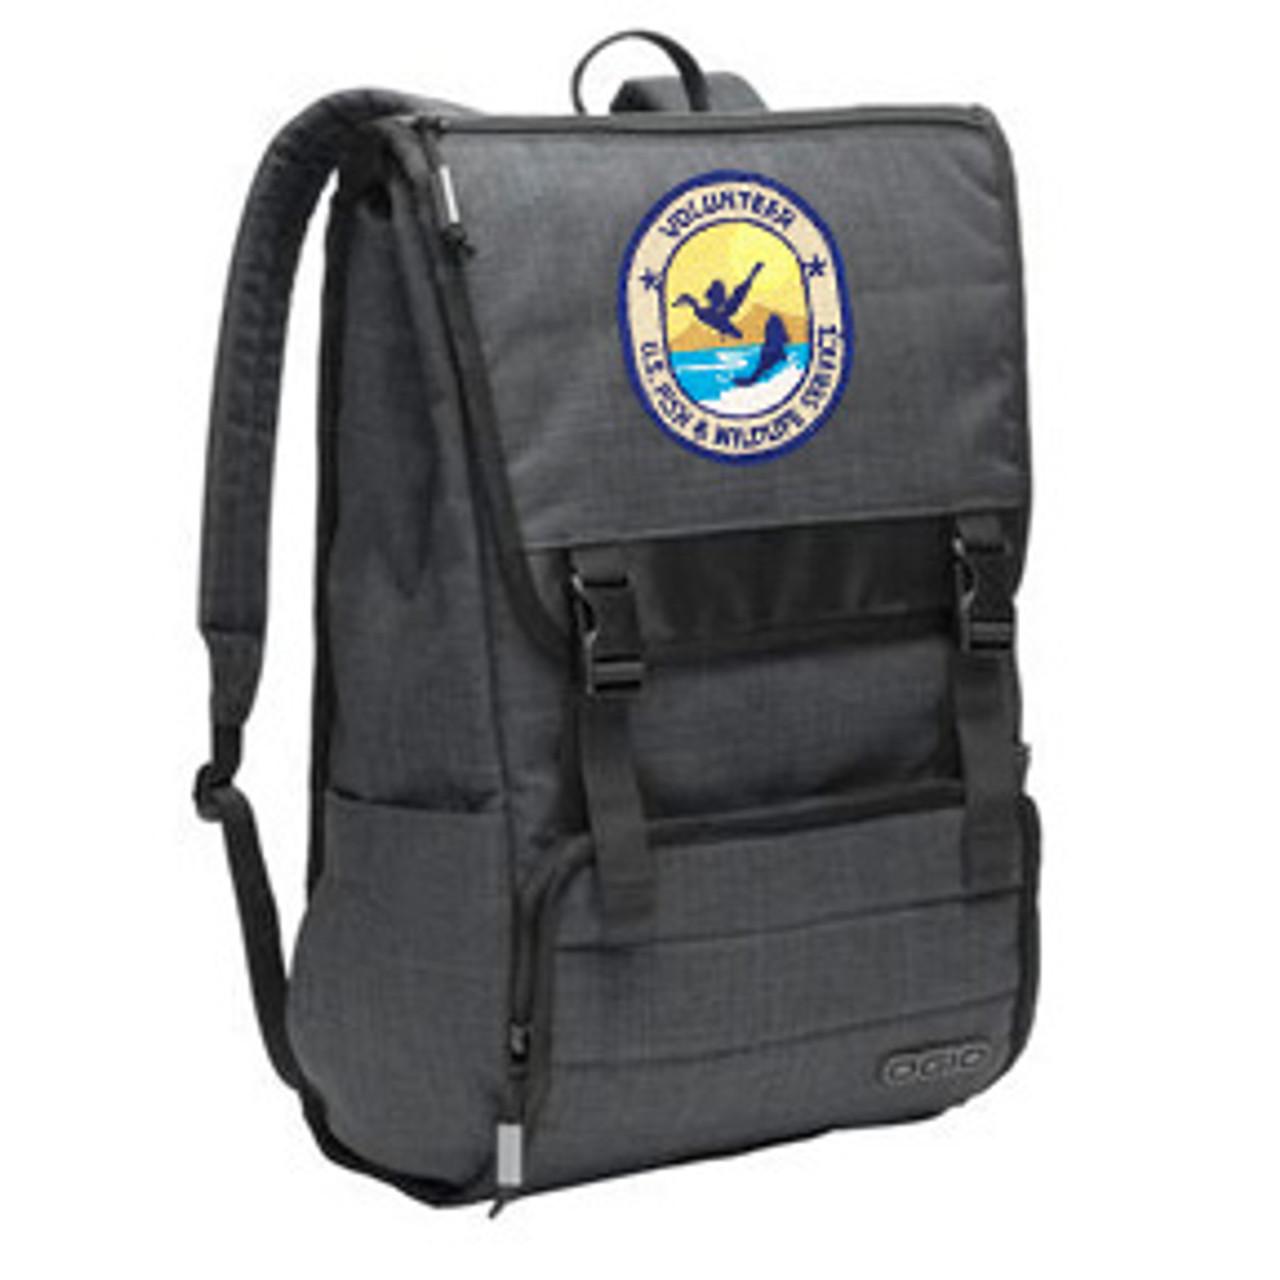 OGIO Compu-pack Backpack